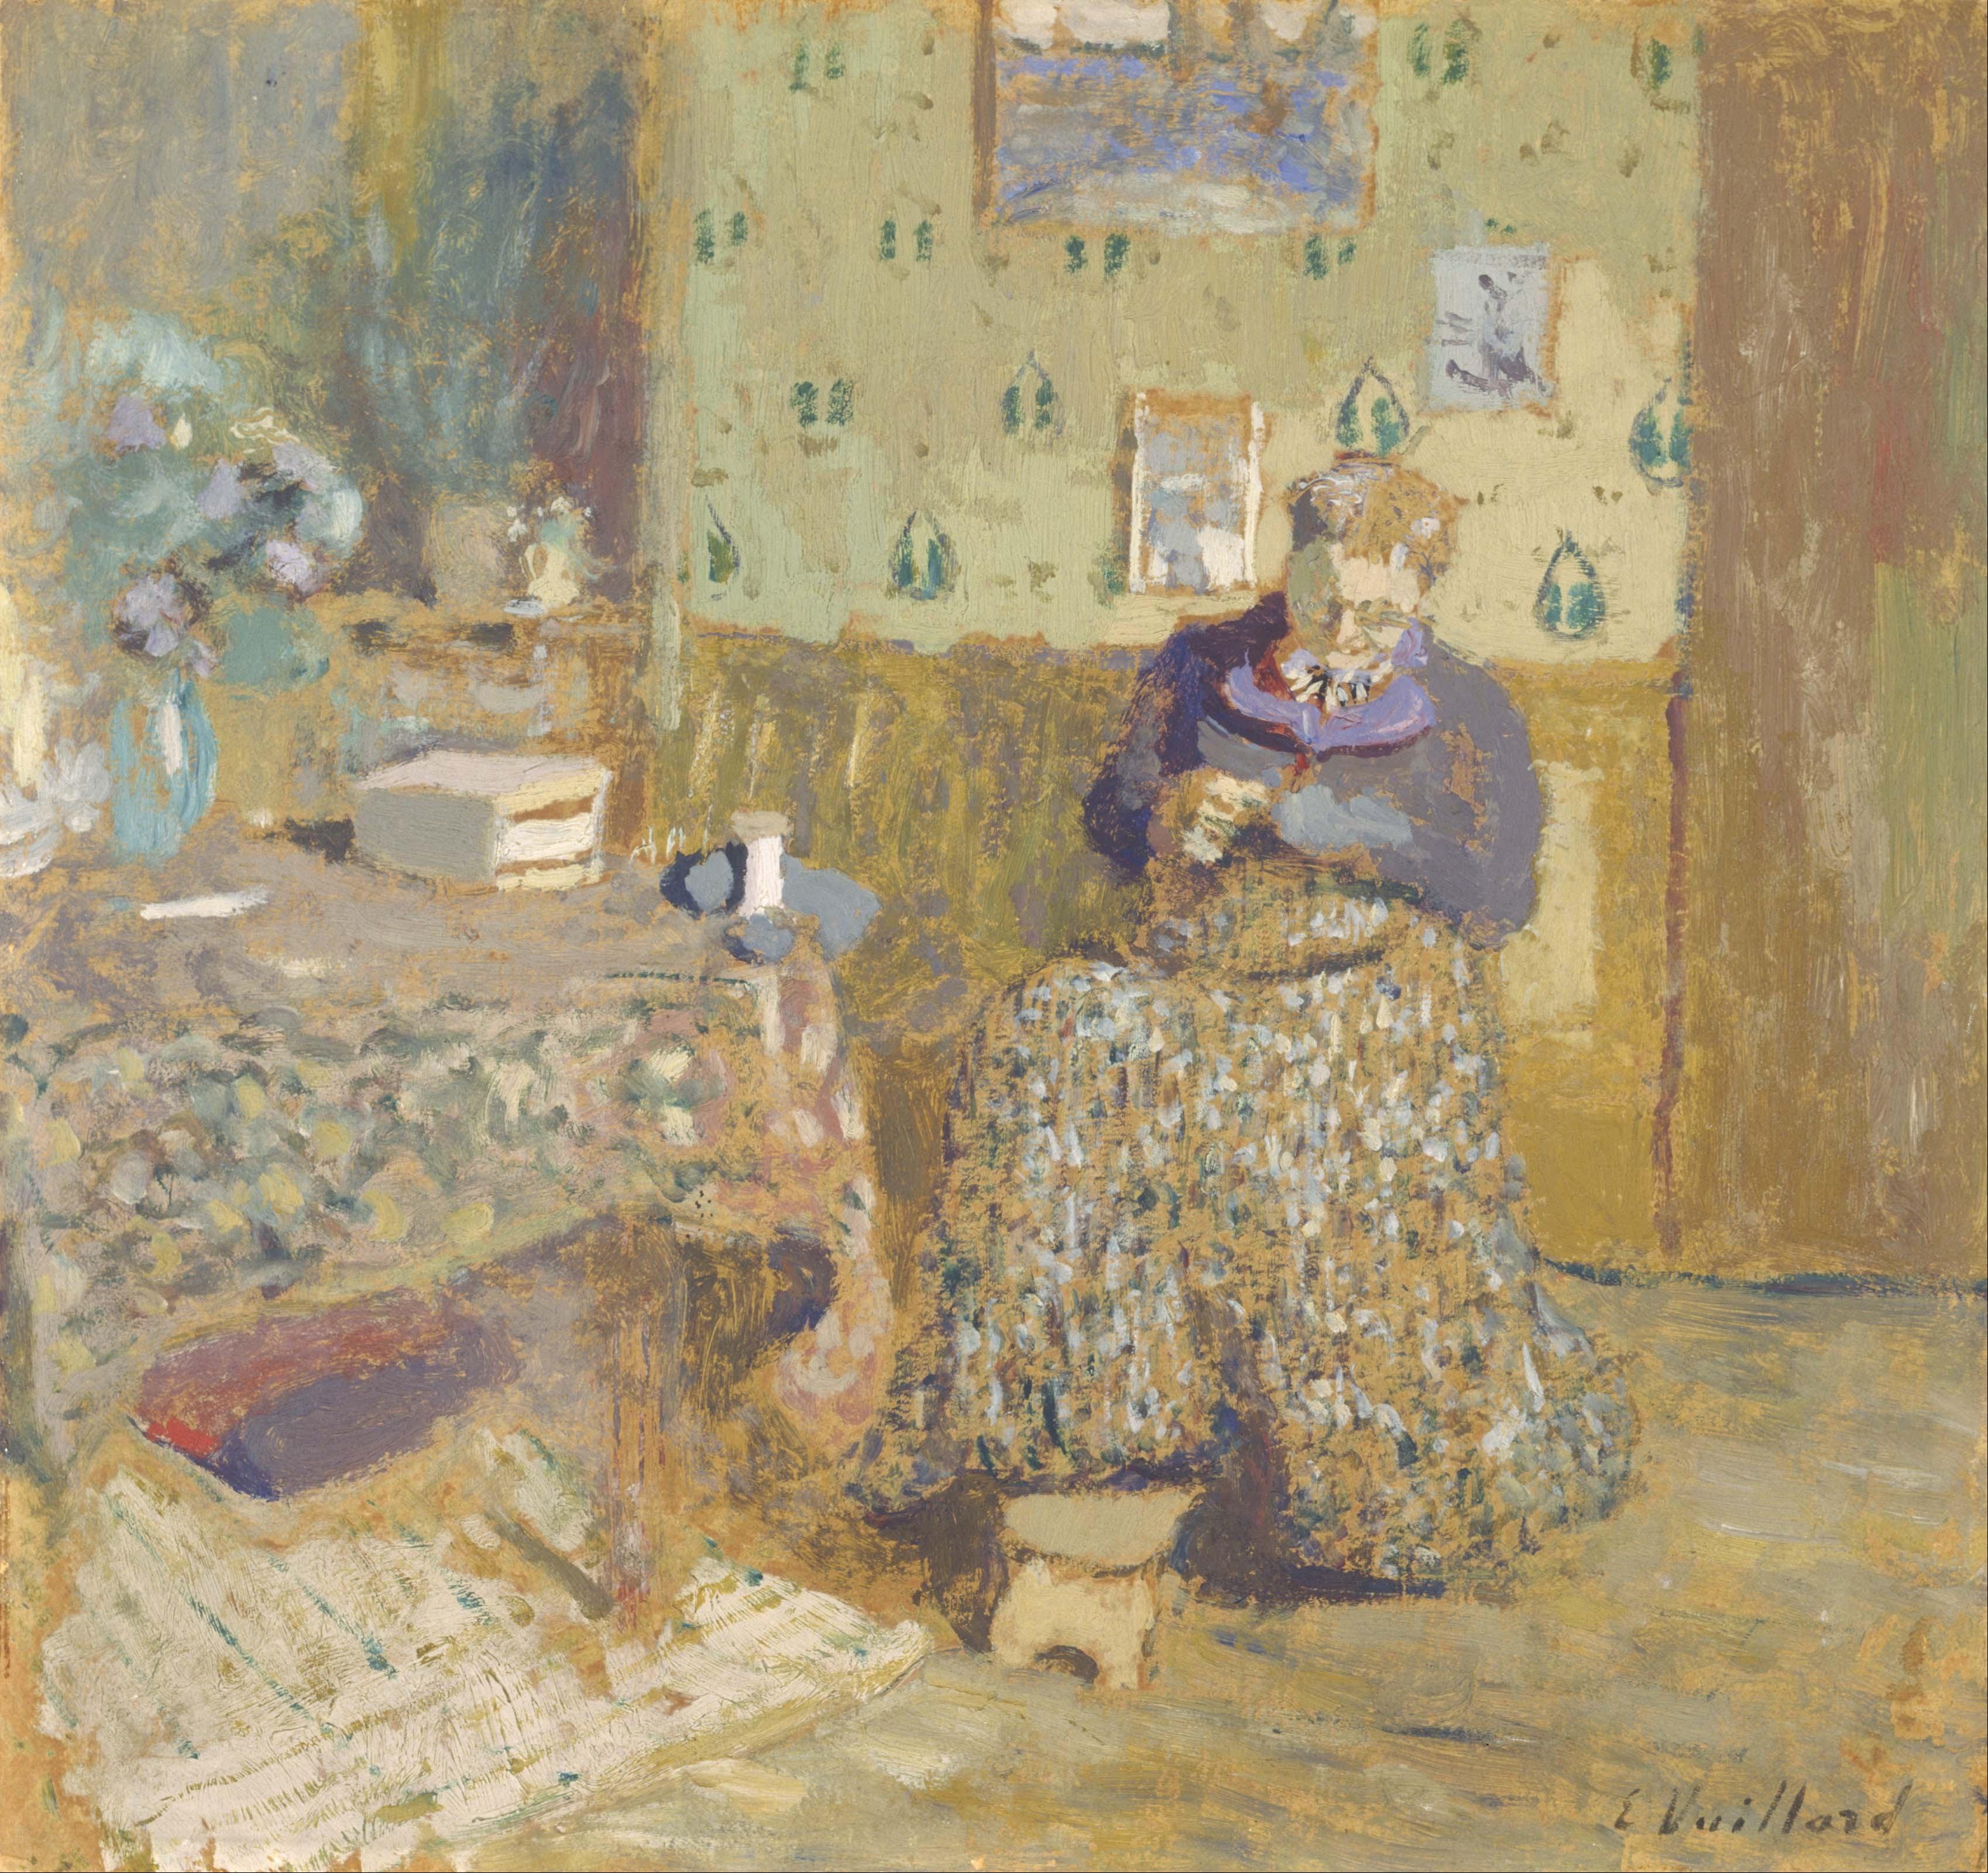 Édouard Vuillard, Madam Vuillard Sewing